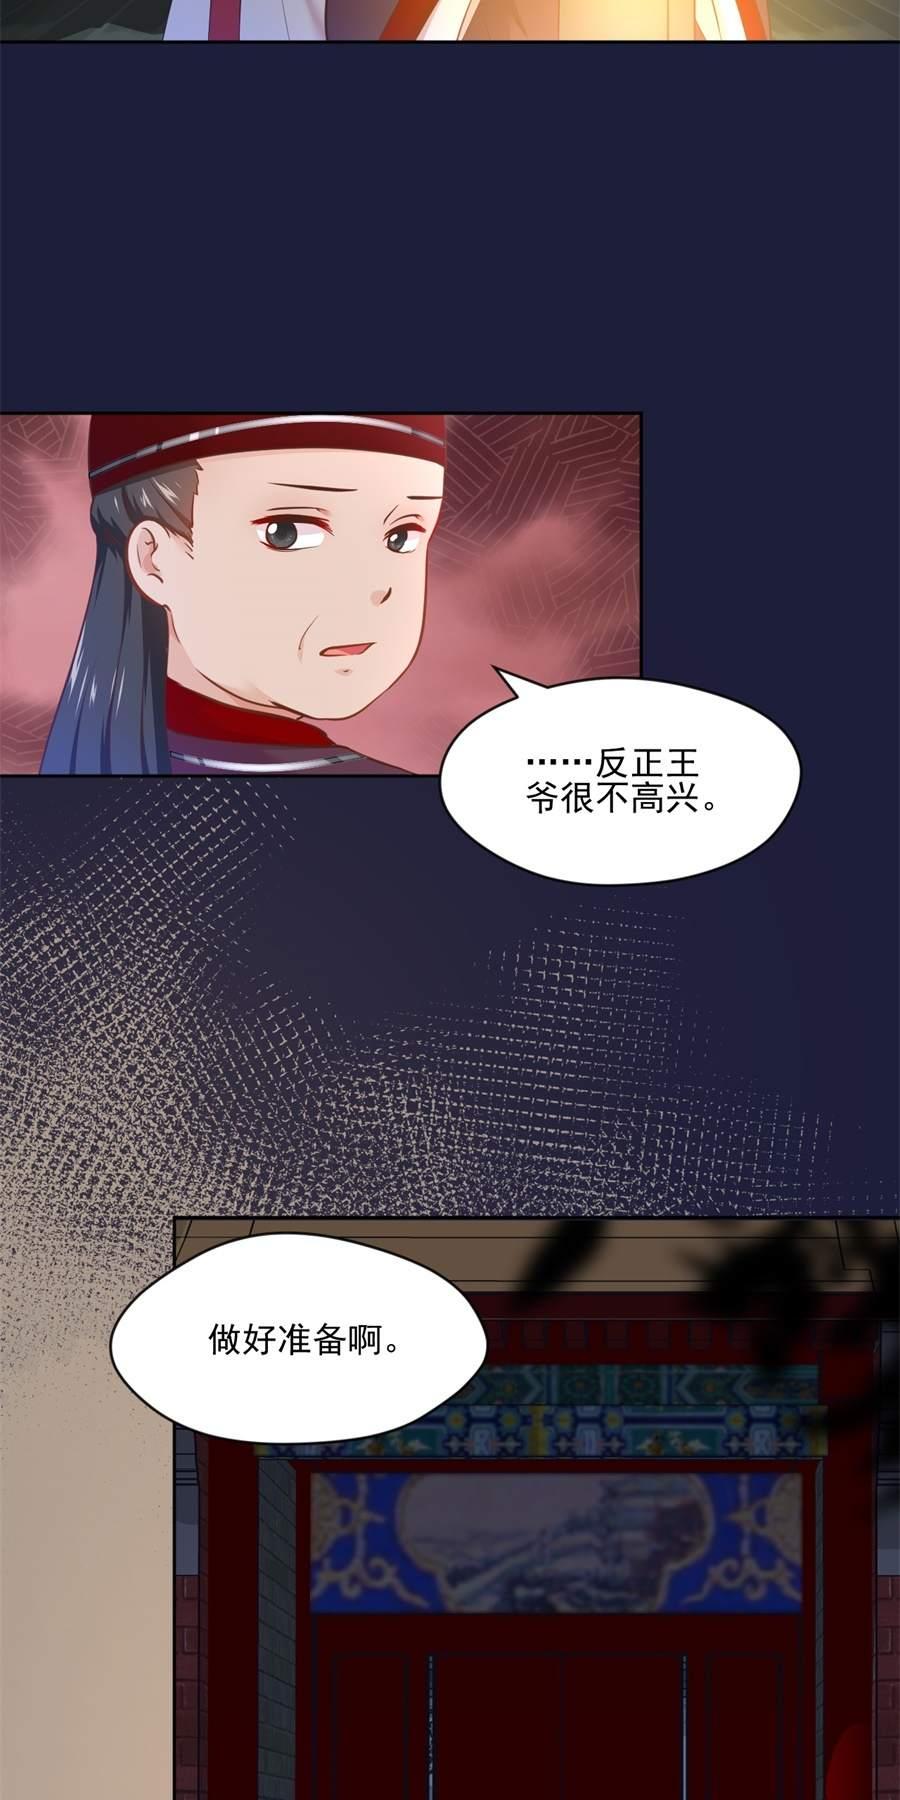 盛世帝王妃第107话  七哥你疯了吗?! 第 7